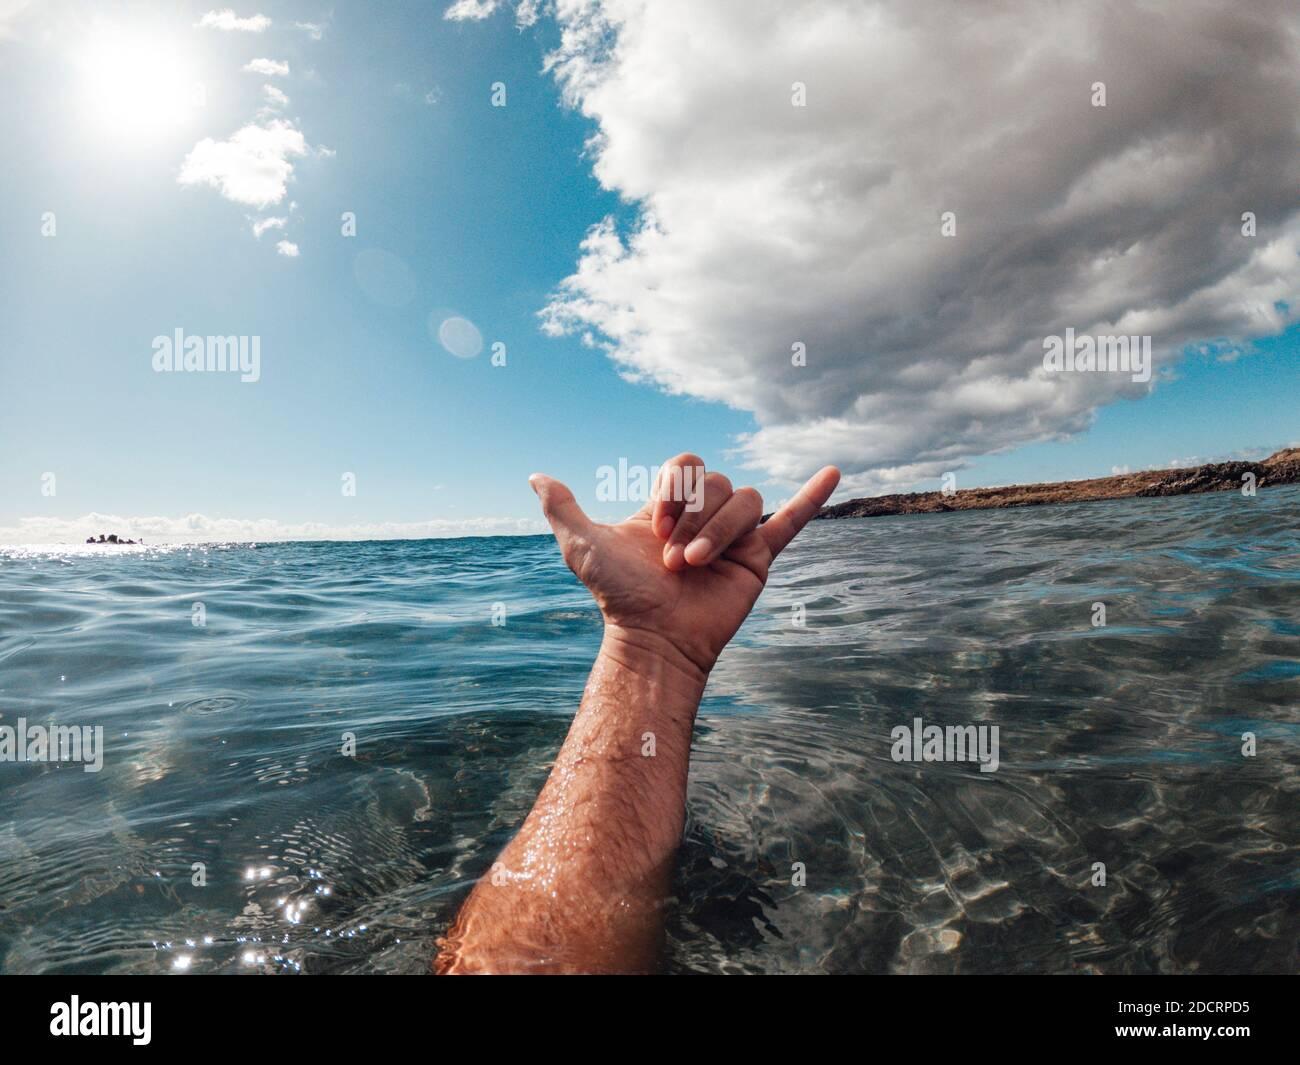 Homme mains dans le surf signe hallo hors du bleu l'eau de l'océan avec la côte et le ciel agréable en arrière-plan - concept de personnes et vacances d'été Banque D'Images